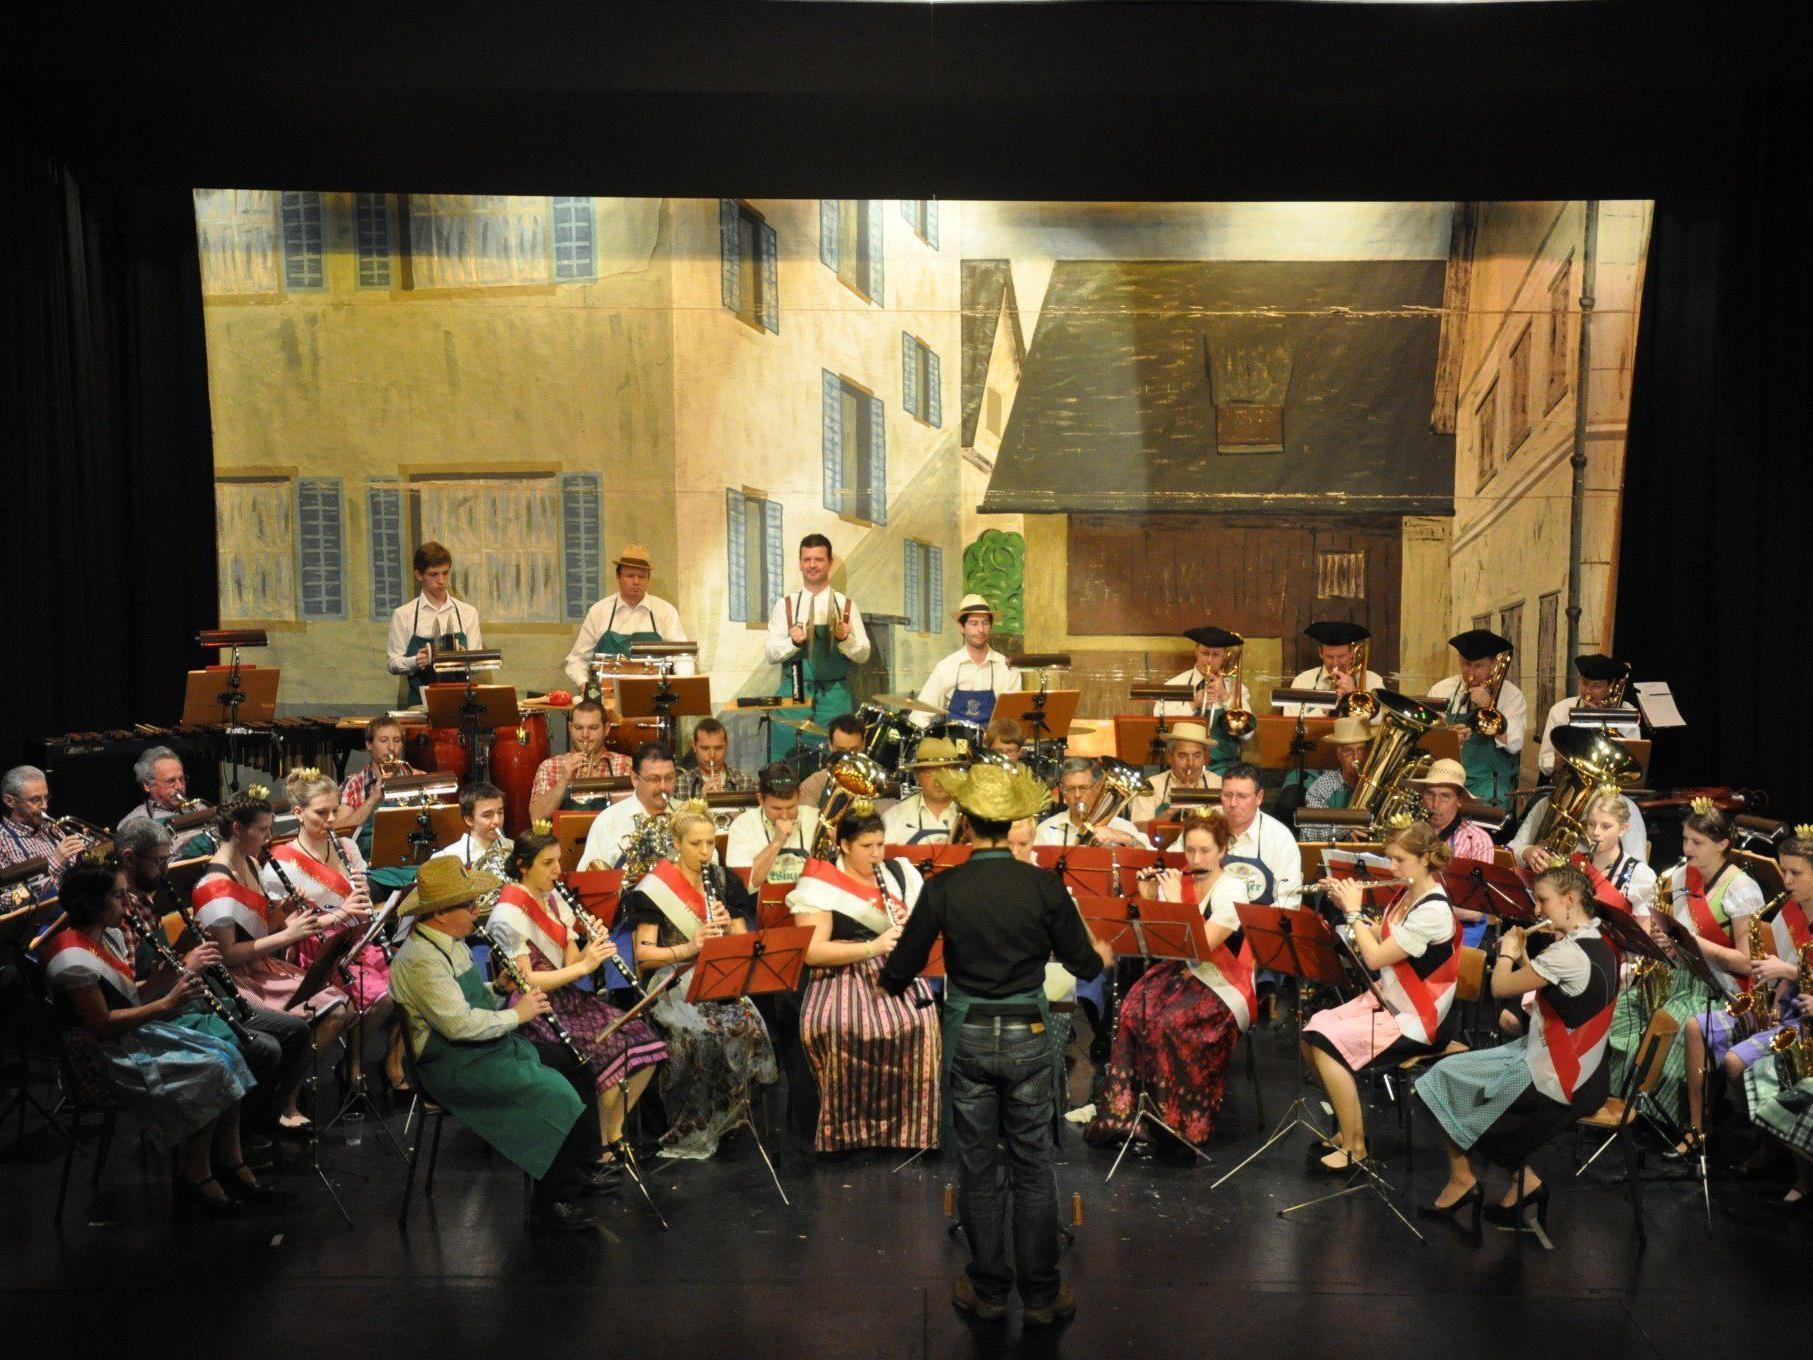 Die Bürgermusik Rankweil lud zur traditionellen Rankweiler Brennessel und sorgte für viel Stimmung.